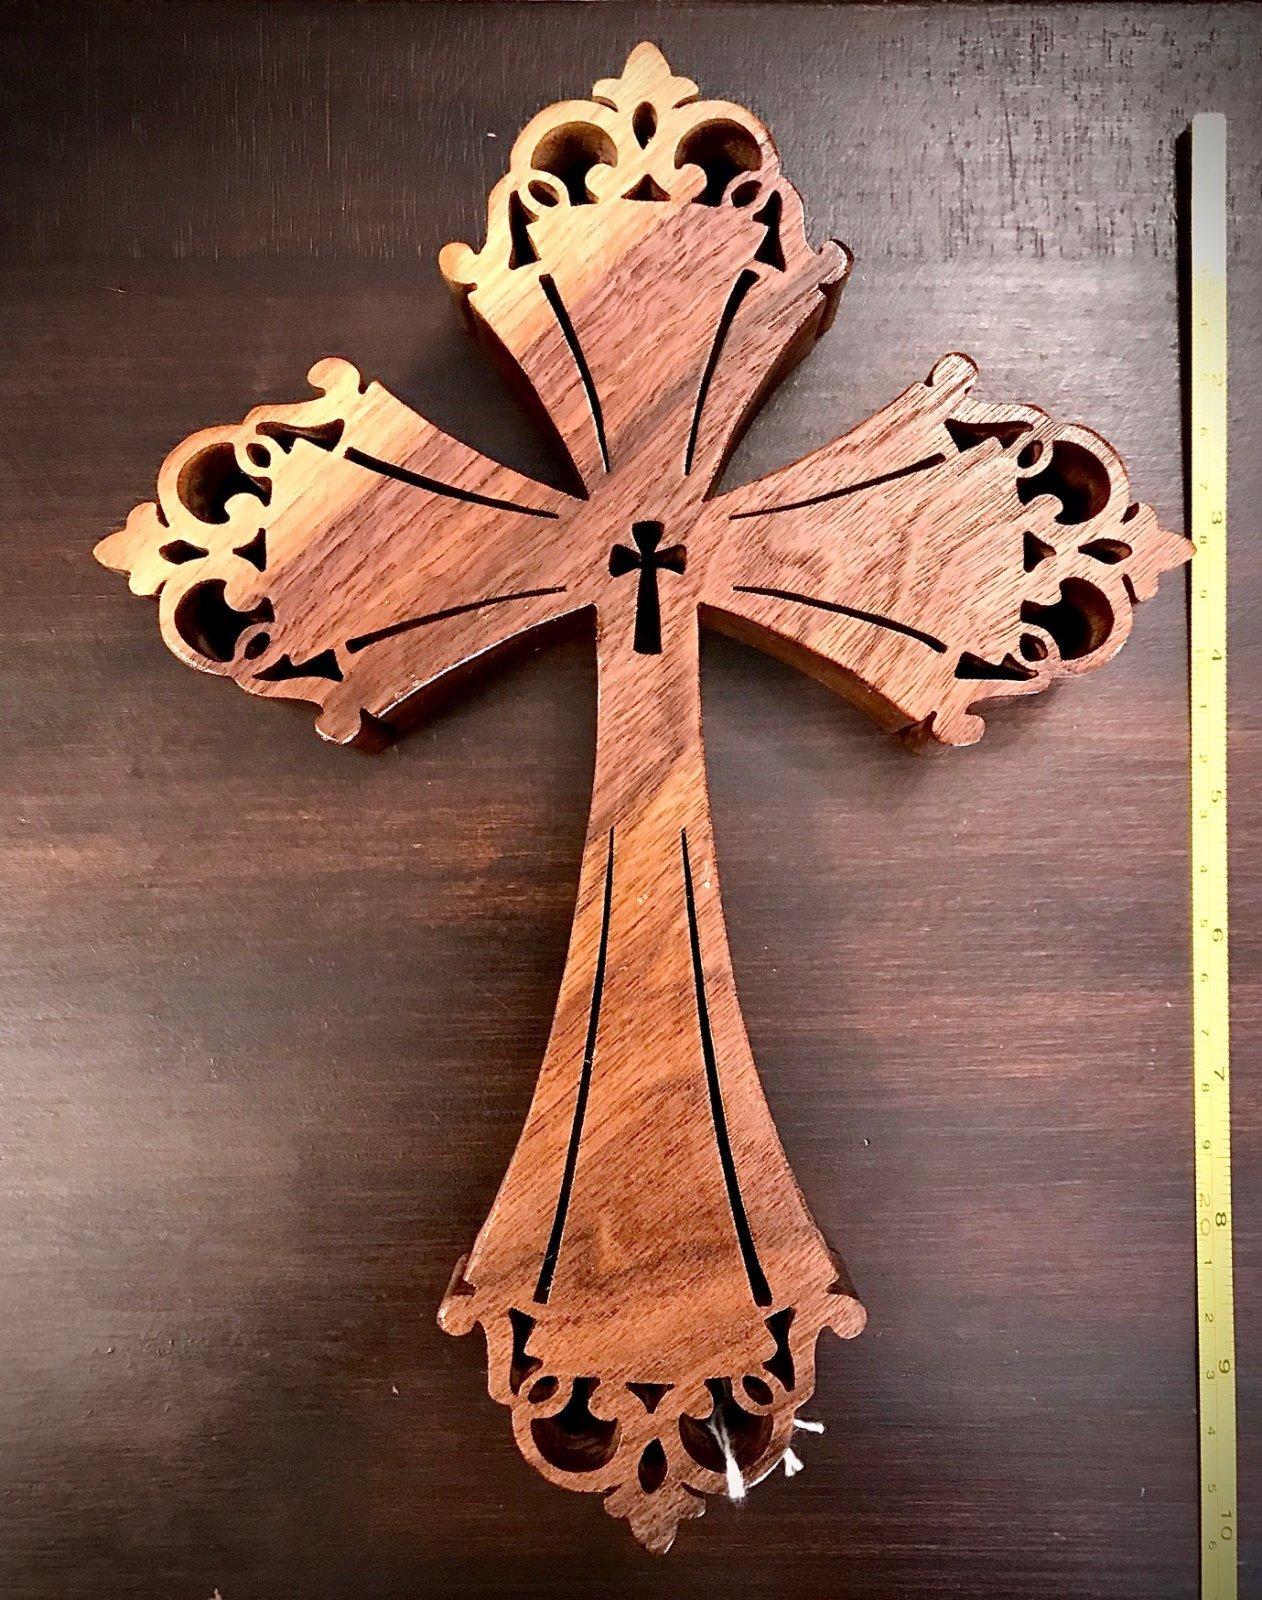 Cross & Cross in Center Wood 5 inch Ornament by Jo Ann Wiggs